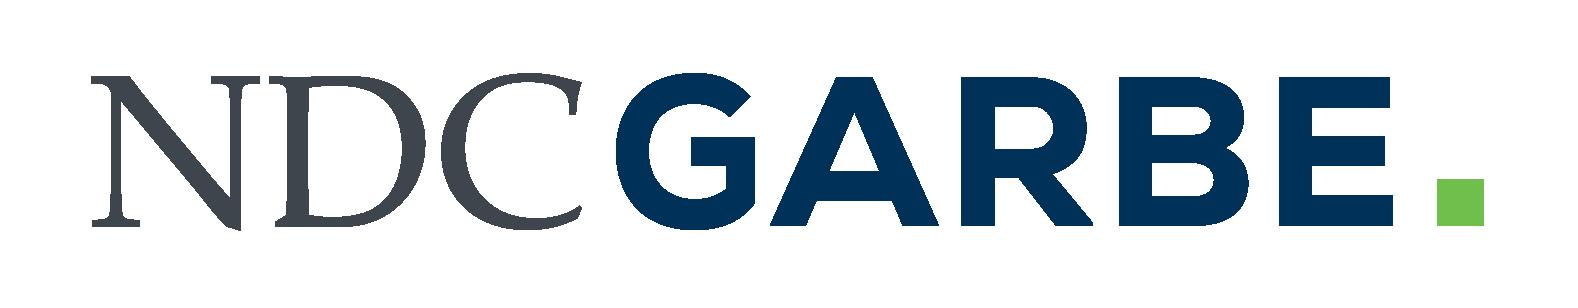 NDC-GARBE Data Centers Europe